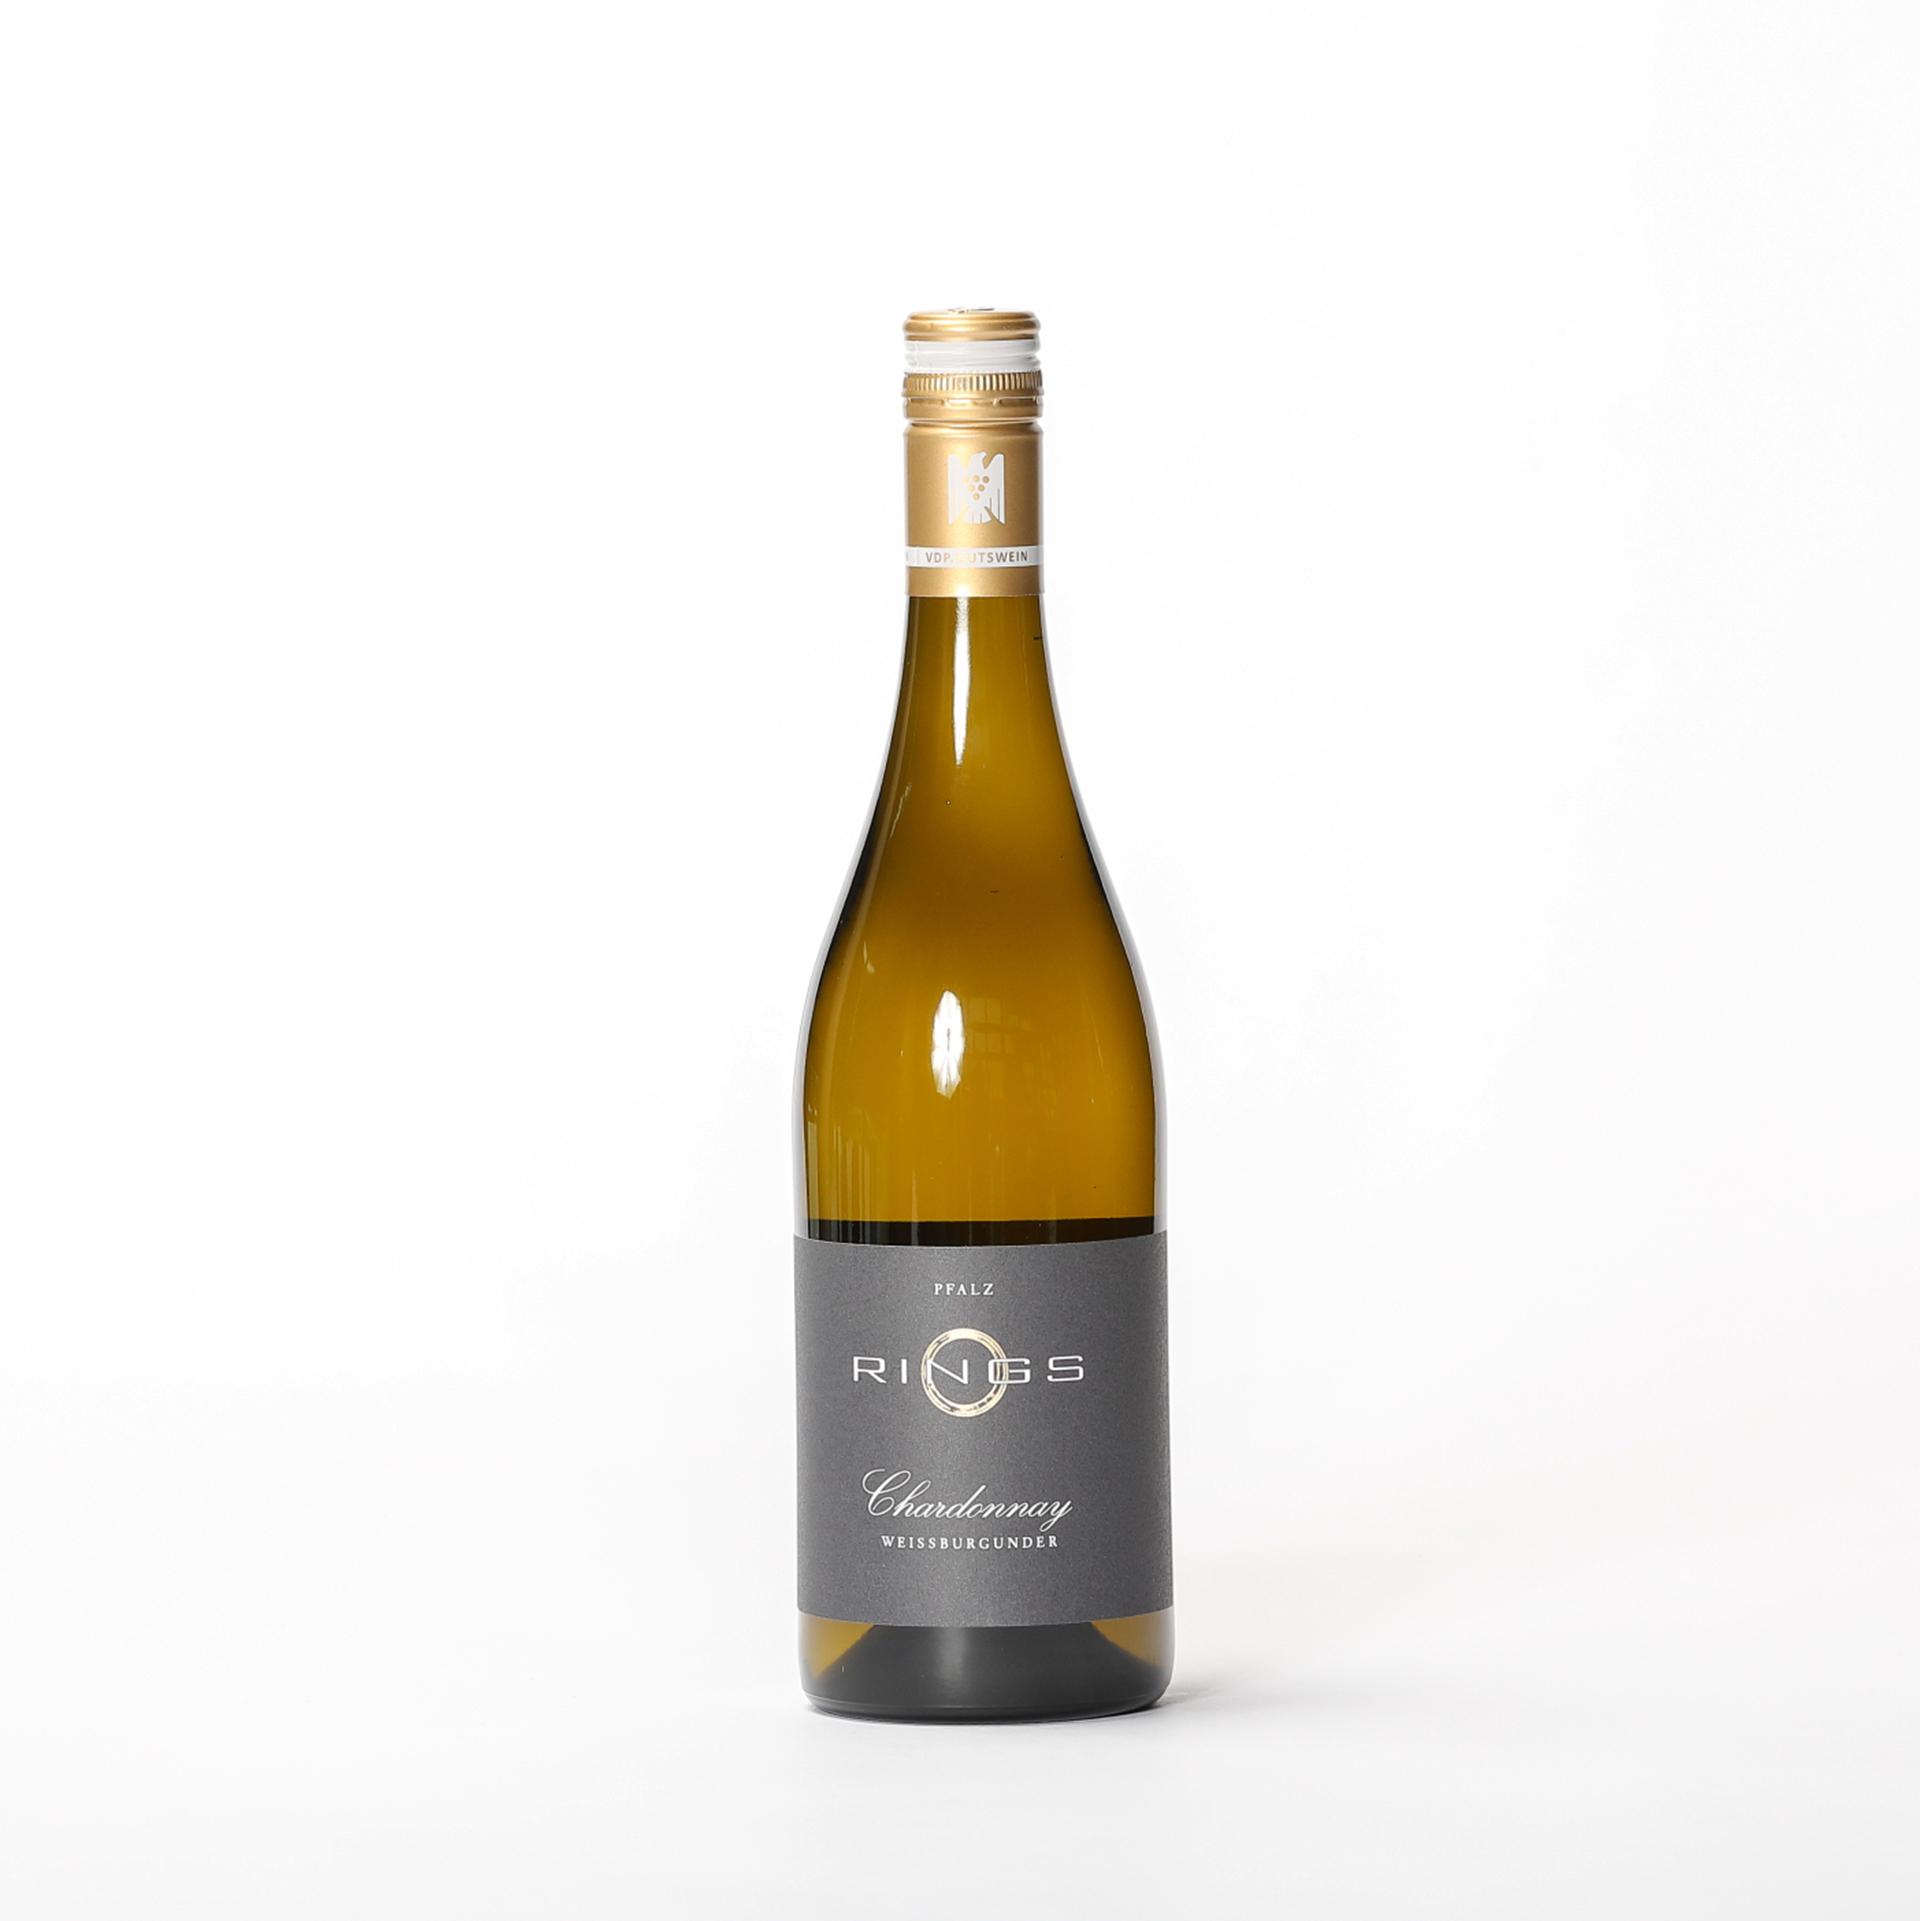 Produktbild Chardonnay & Weißburgunder Gutswein 2020 - Weingut Rings| DINZLER Kaffeerösterei